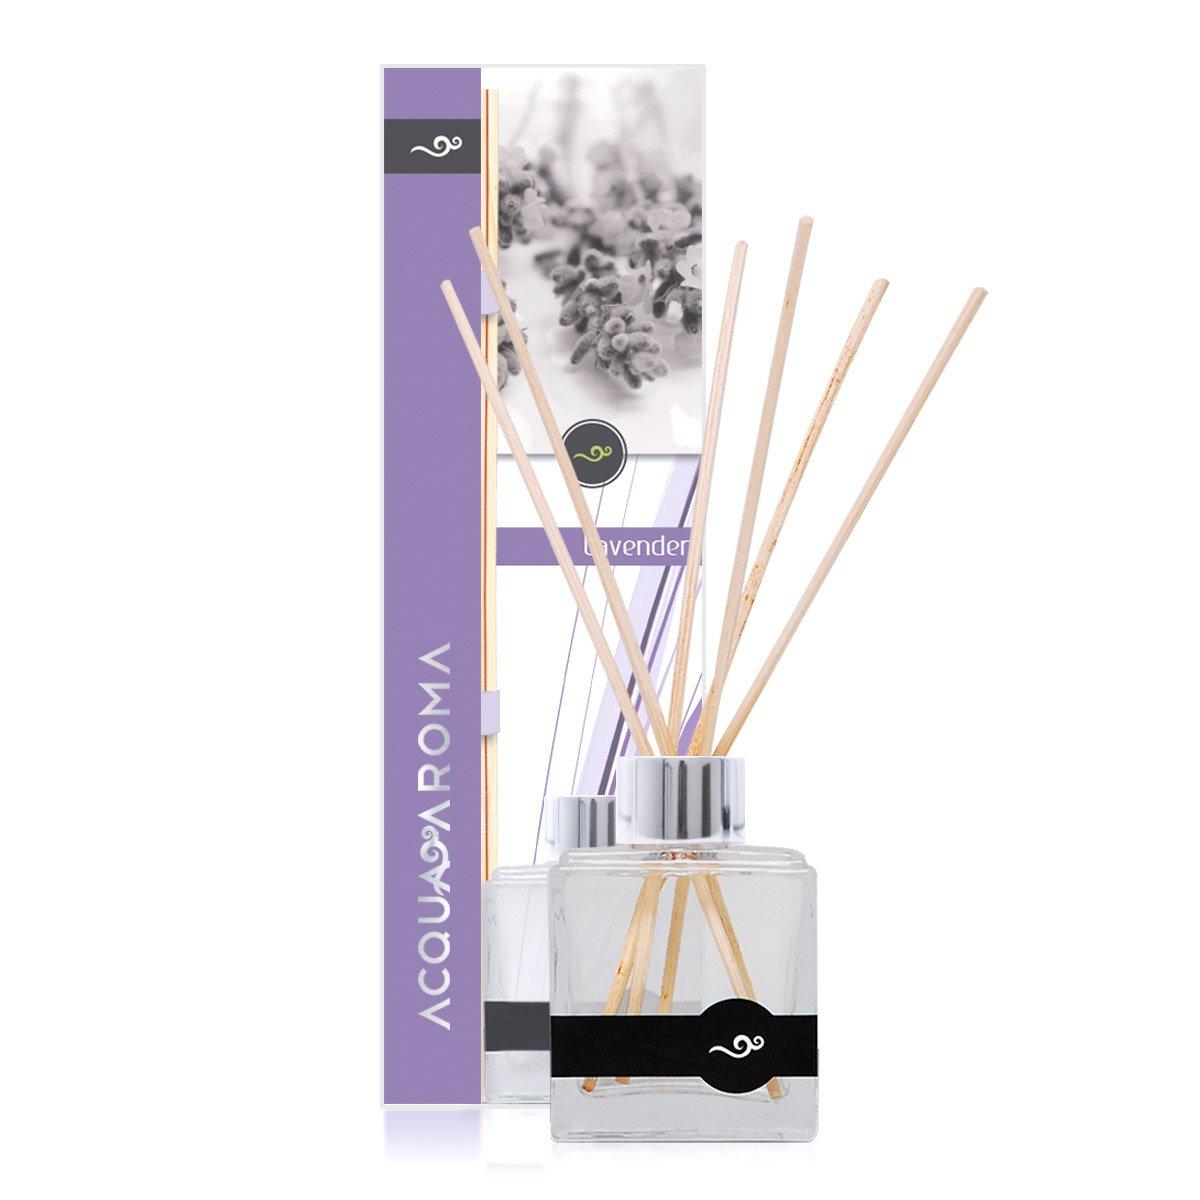 Acqua Aroma Lavender Reed Diffuser 3.4 FL OZ (100ml) by Acqua Aroma